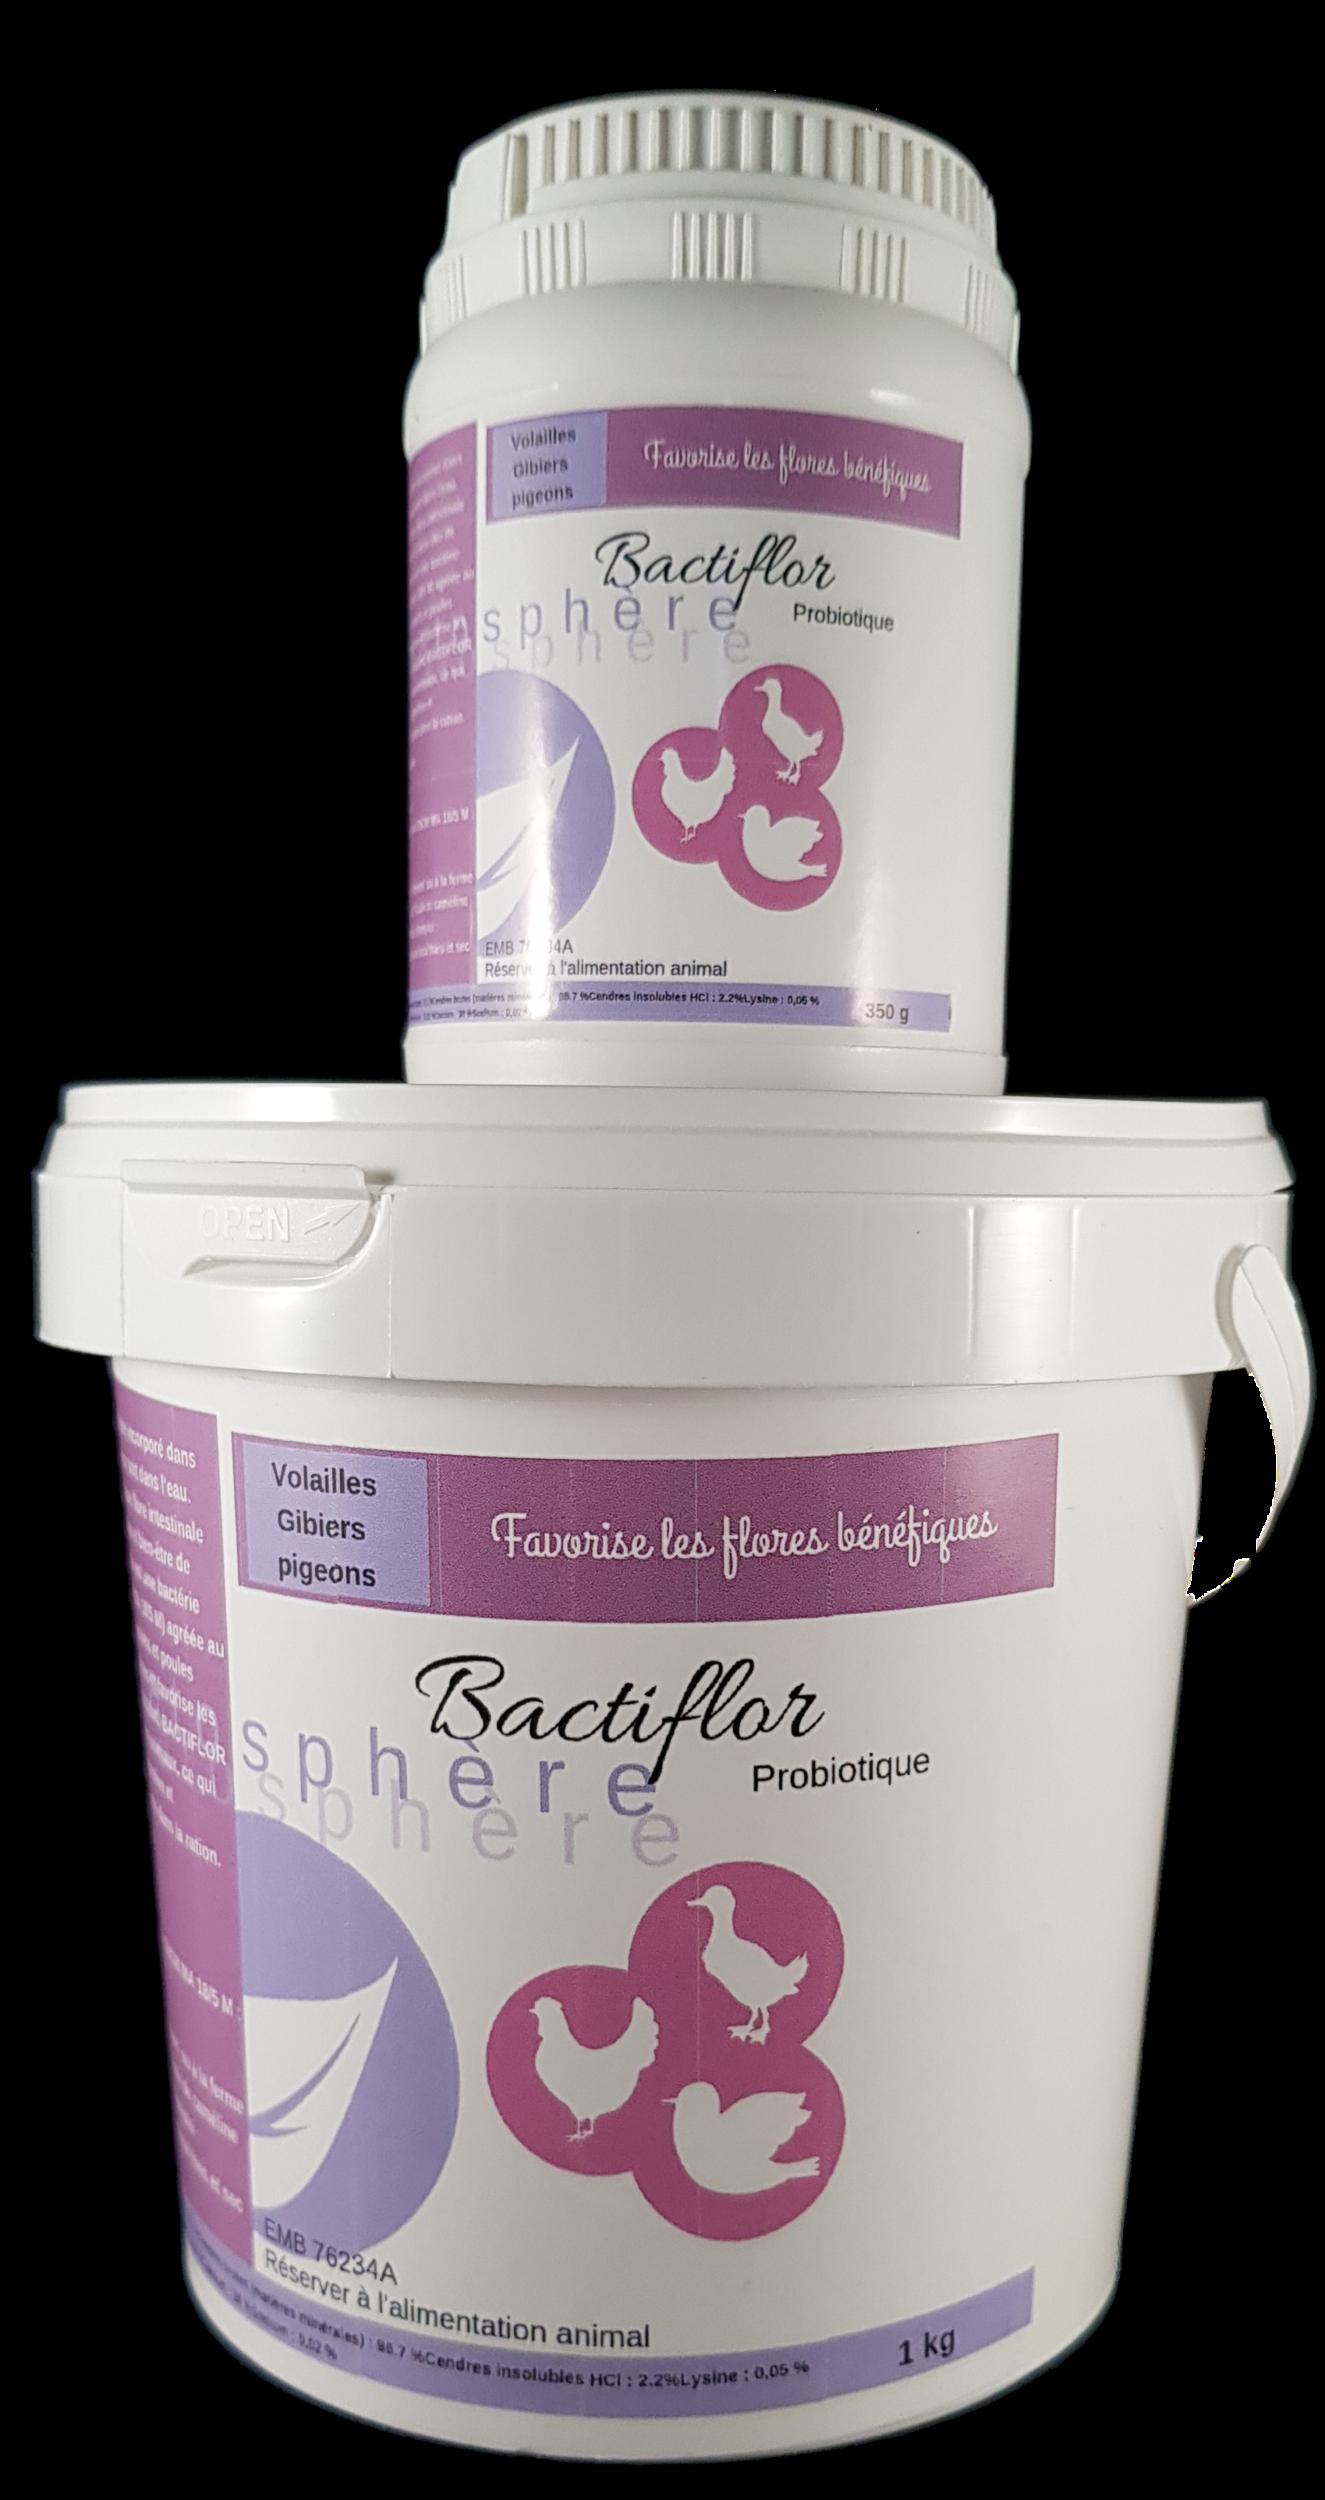 Bactiflor Probiotique